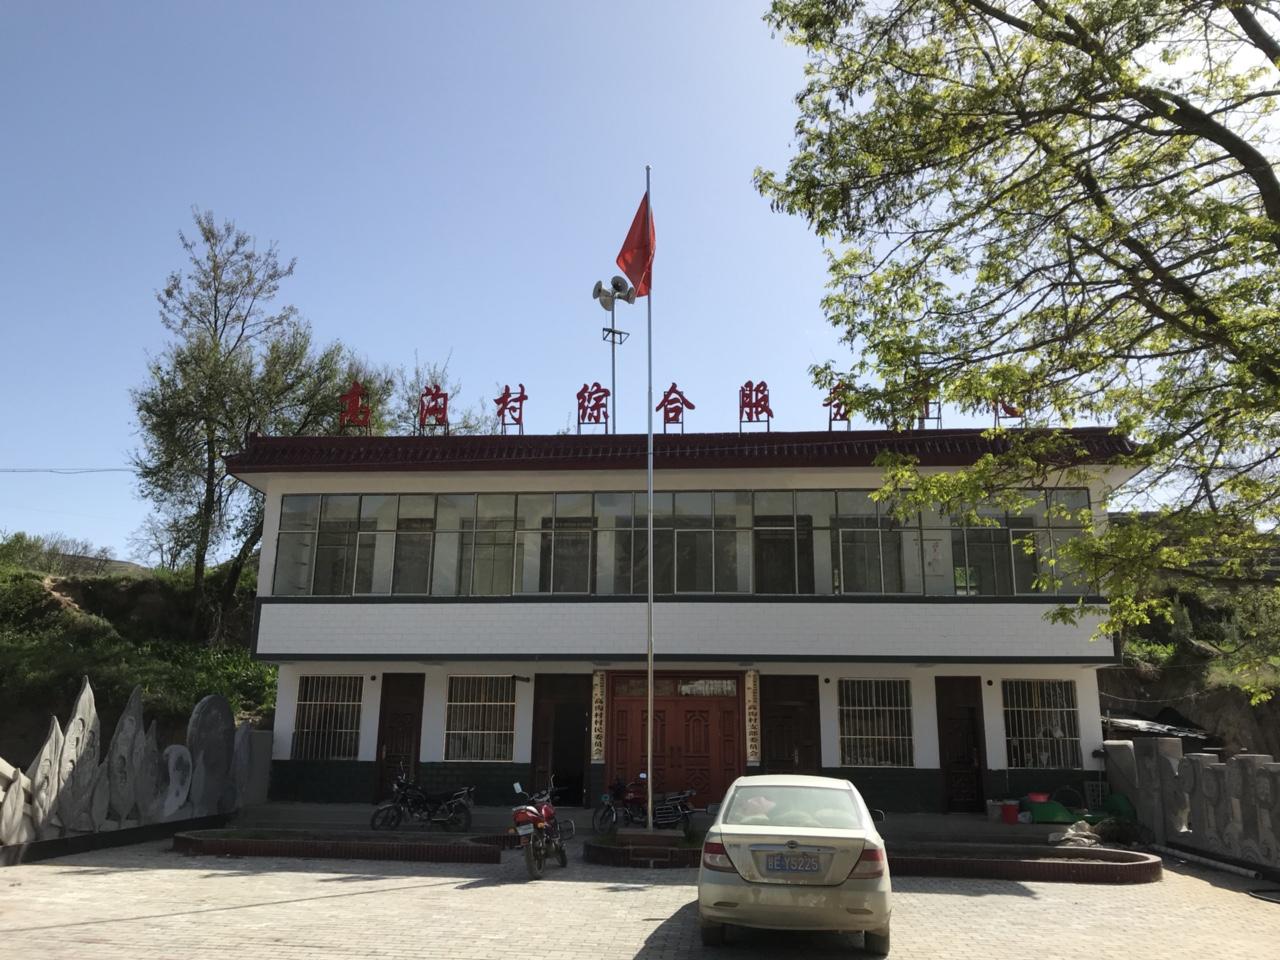 【文化惠民】大阳镇高沟村综合文化服务中心风采